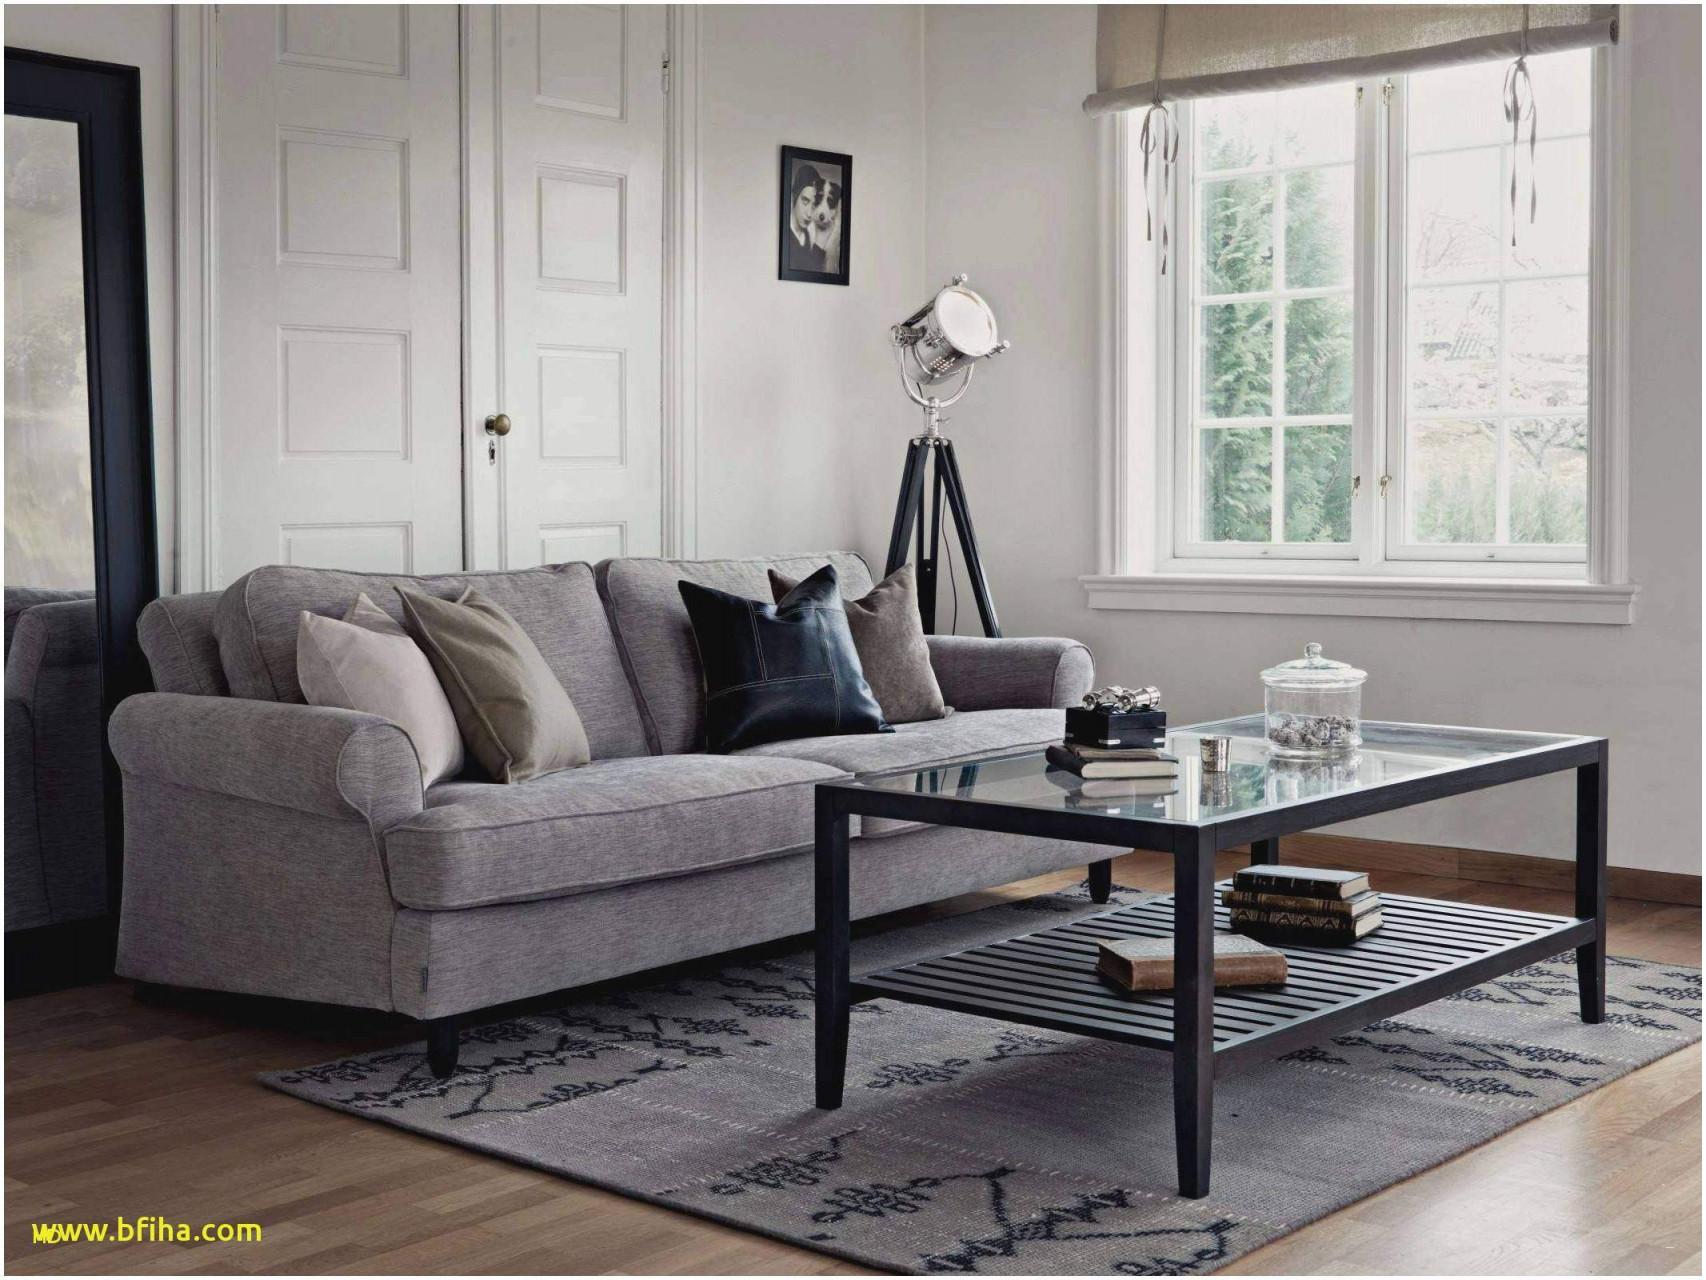 Pflanzen Für Wohnzimmer Luxus Fresh Möbel Wohnzimmer Ideen von Pflanzen Ideen Wohnzimmer Bild